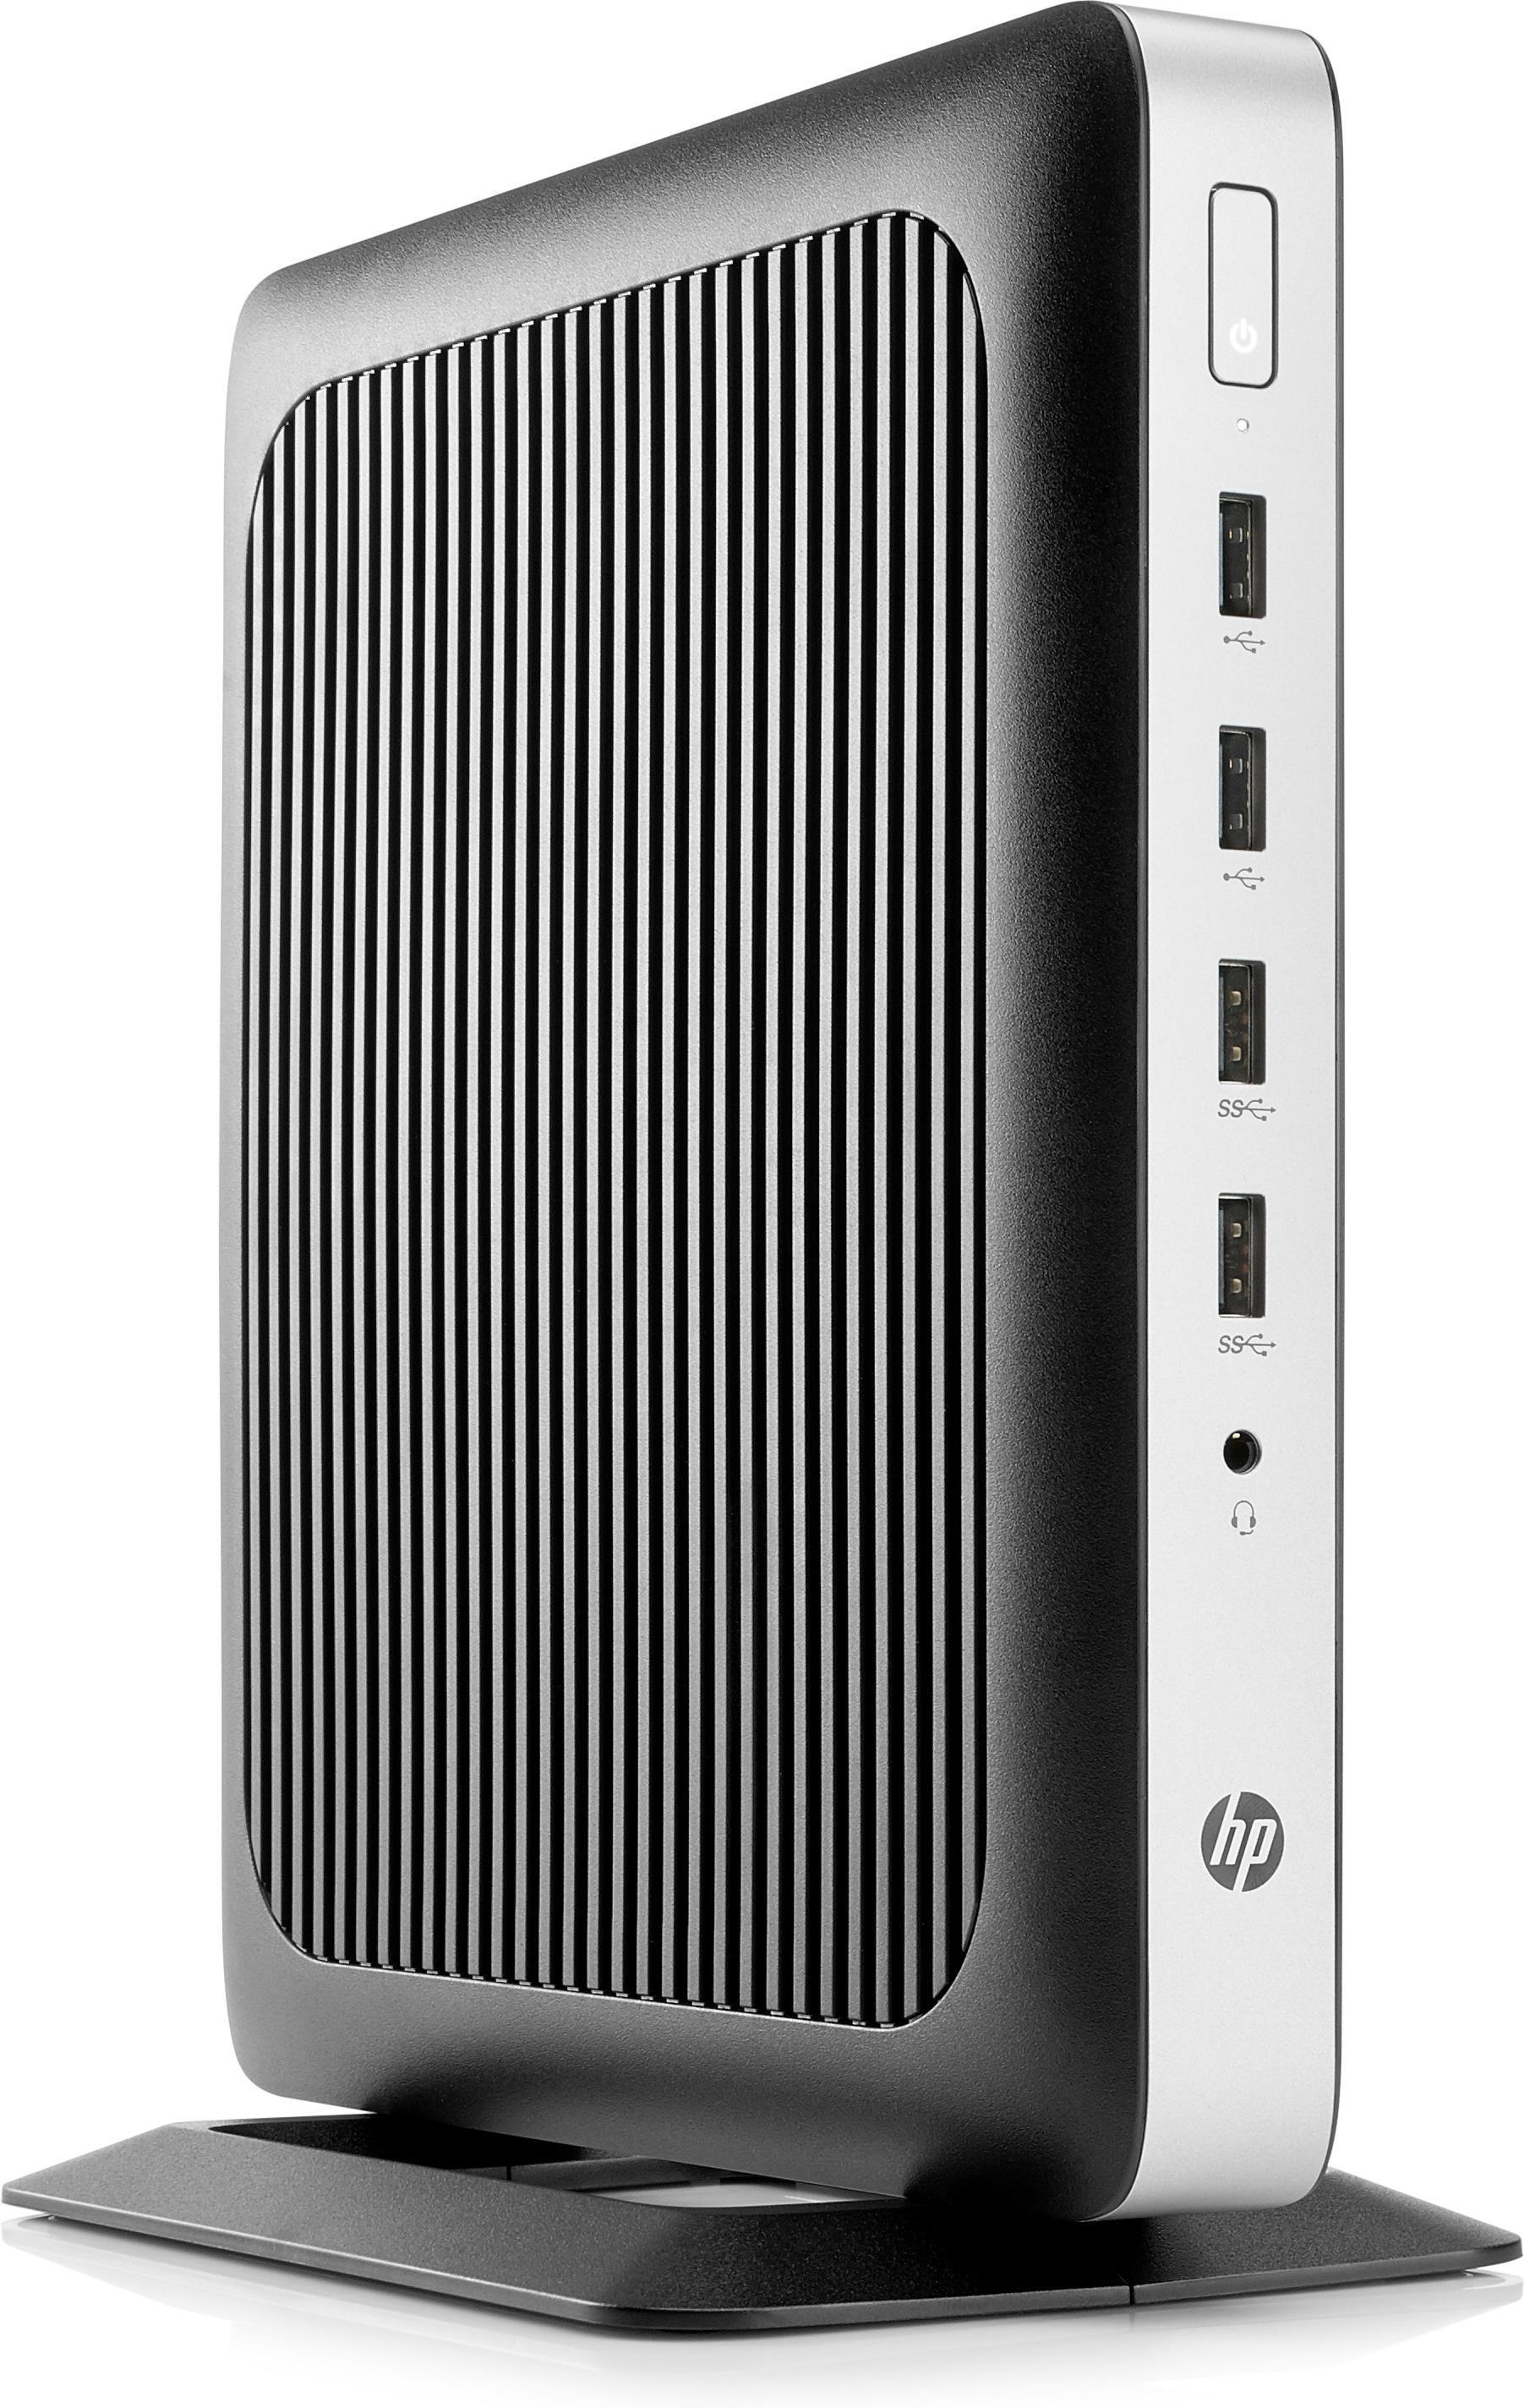 HP t630 Thin Client Quad Core (GX-420GI) 2GHz 4GB 32GB Flash WLAN BT Windows 10 IoT Enterprise 64-bit (Radeon R7E)